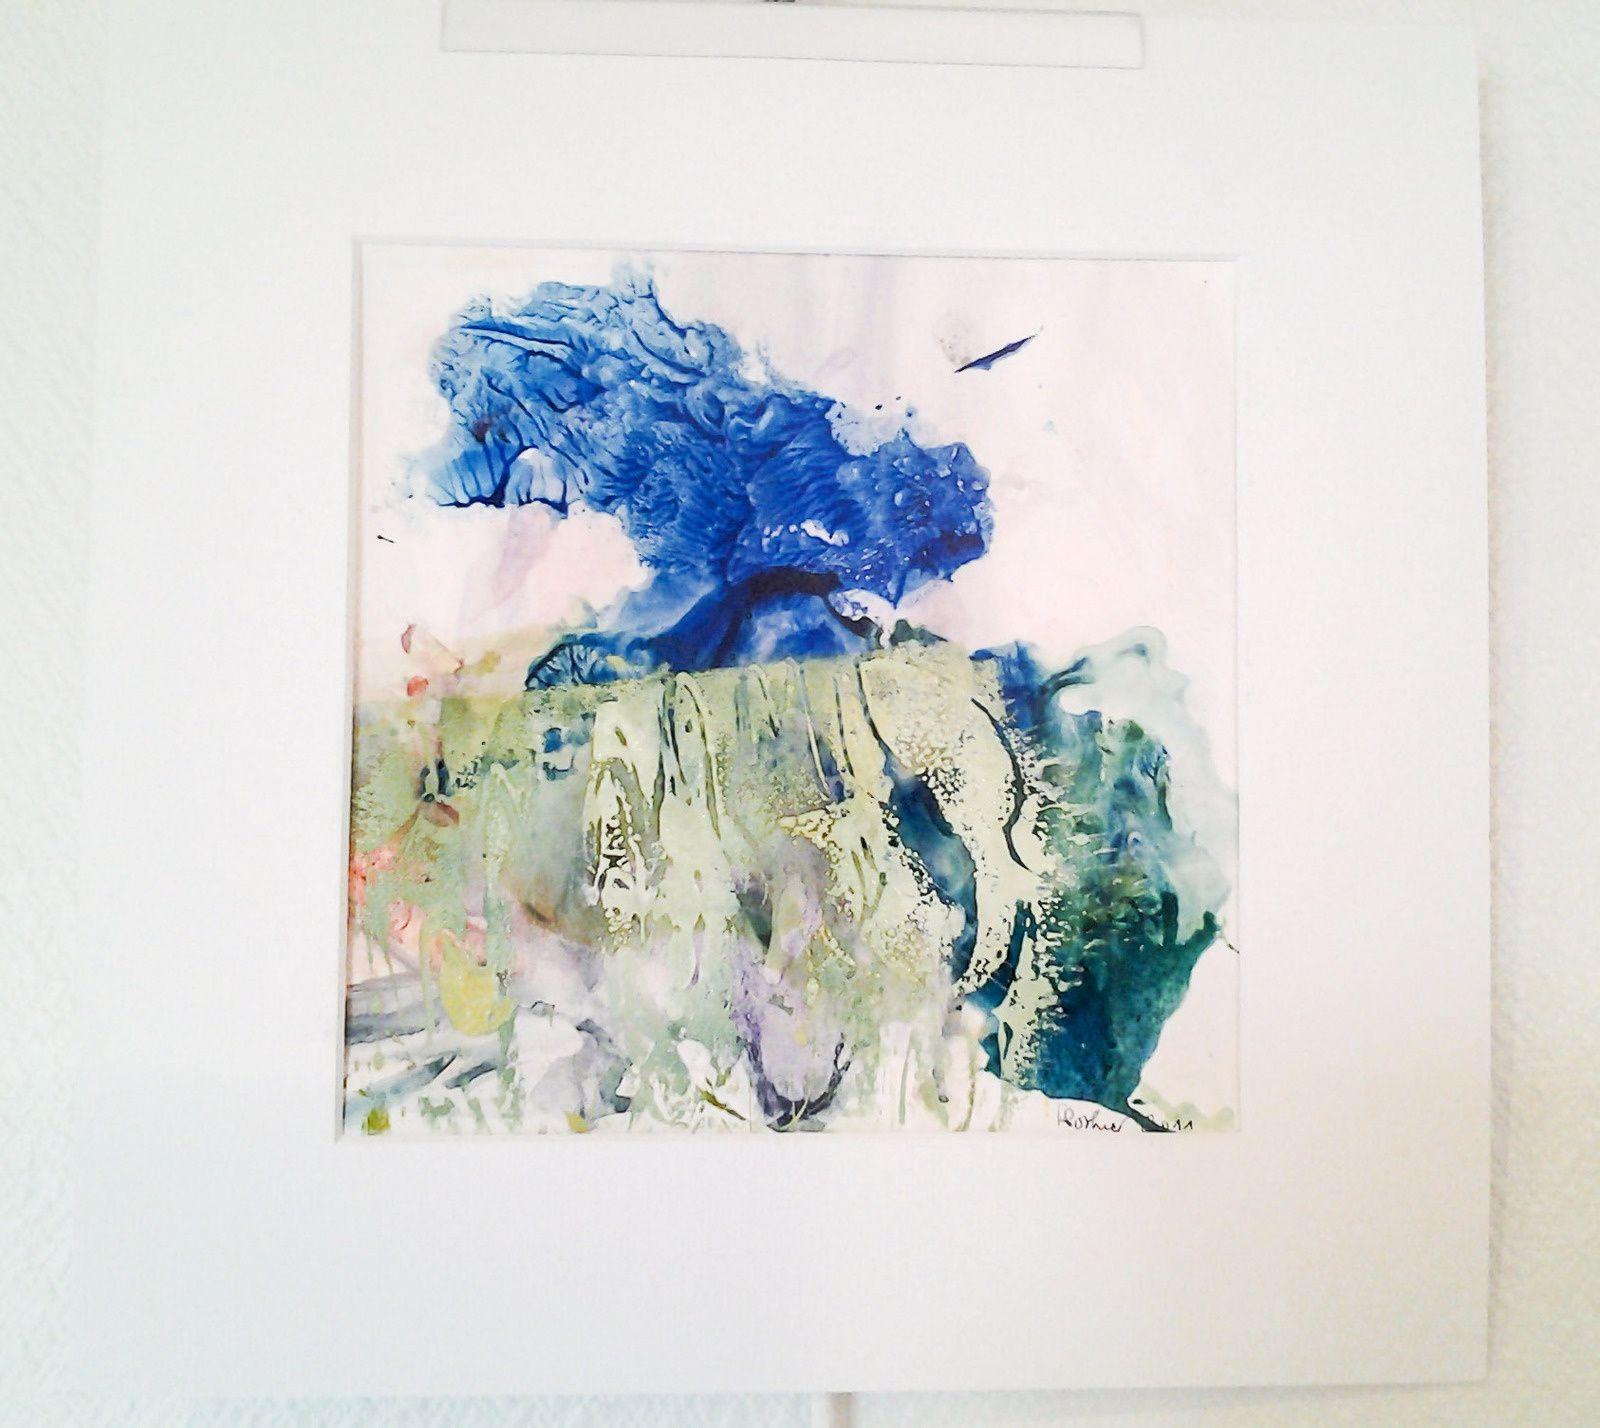 La Galerie Vagabonde propose Arielle Gayot et Françoise Pothier du 28 juin au 10 juillet.